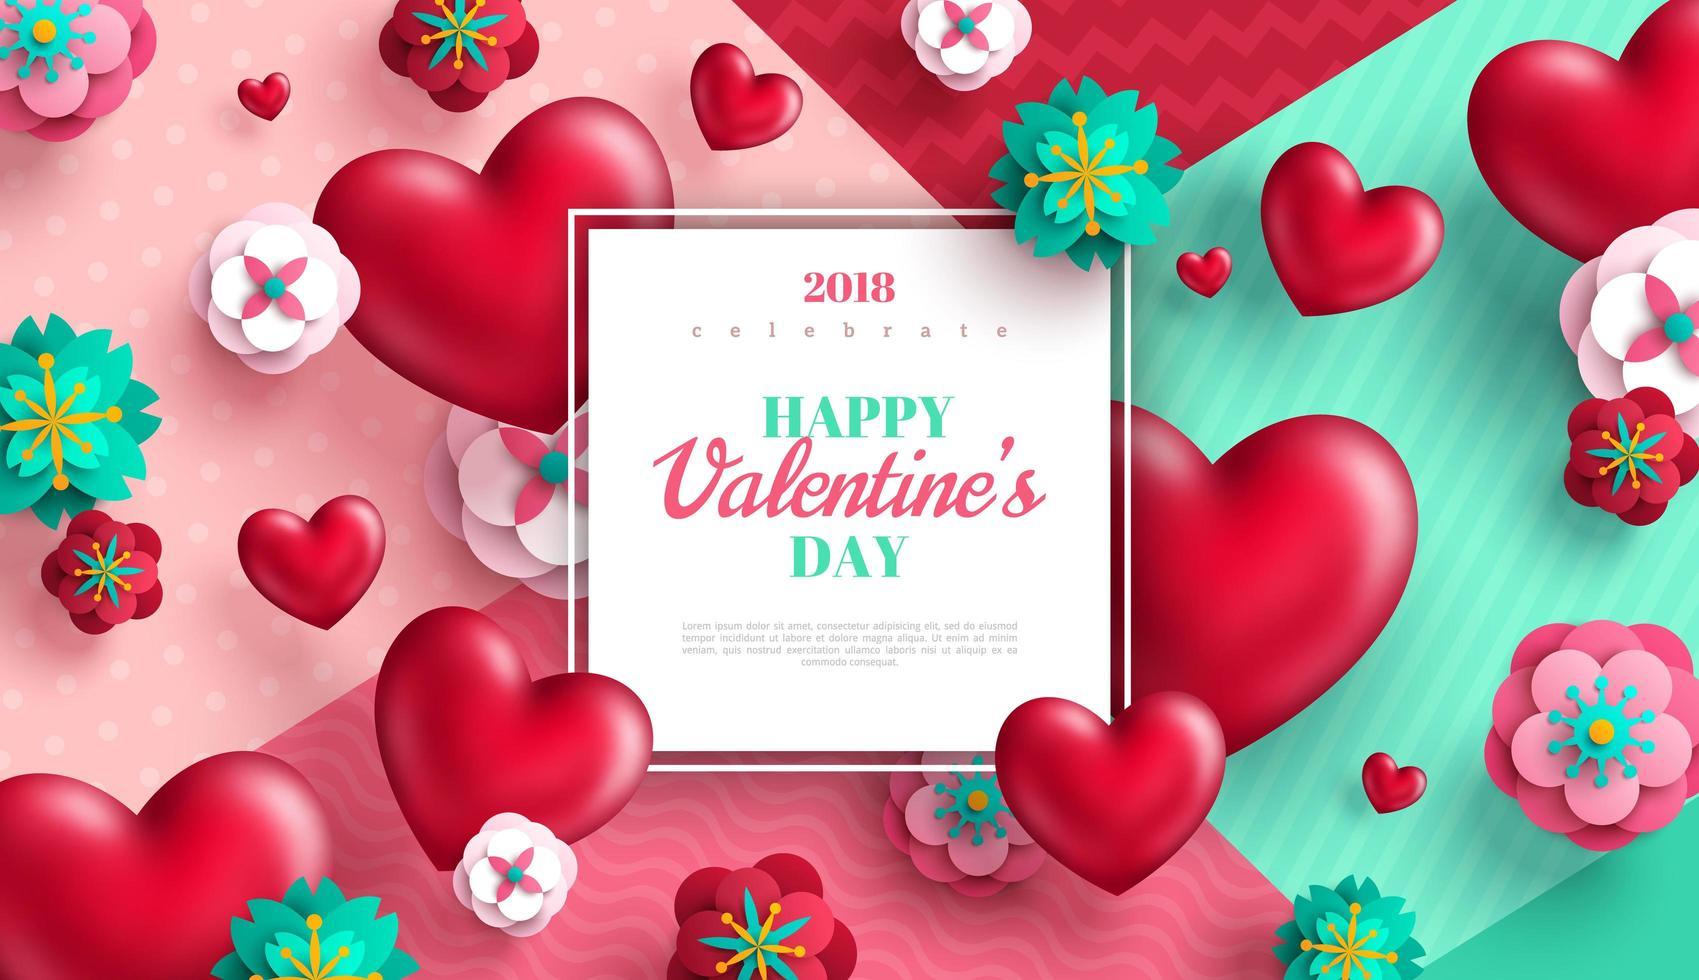 San Valentino sfondo con cuori e fiori recisi di carta vettore